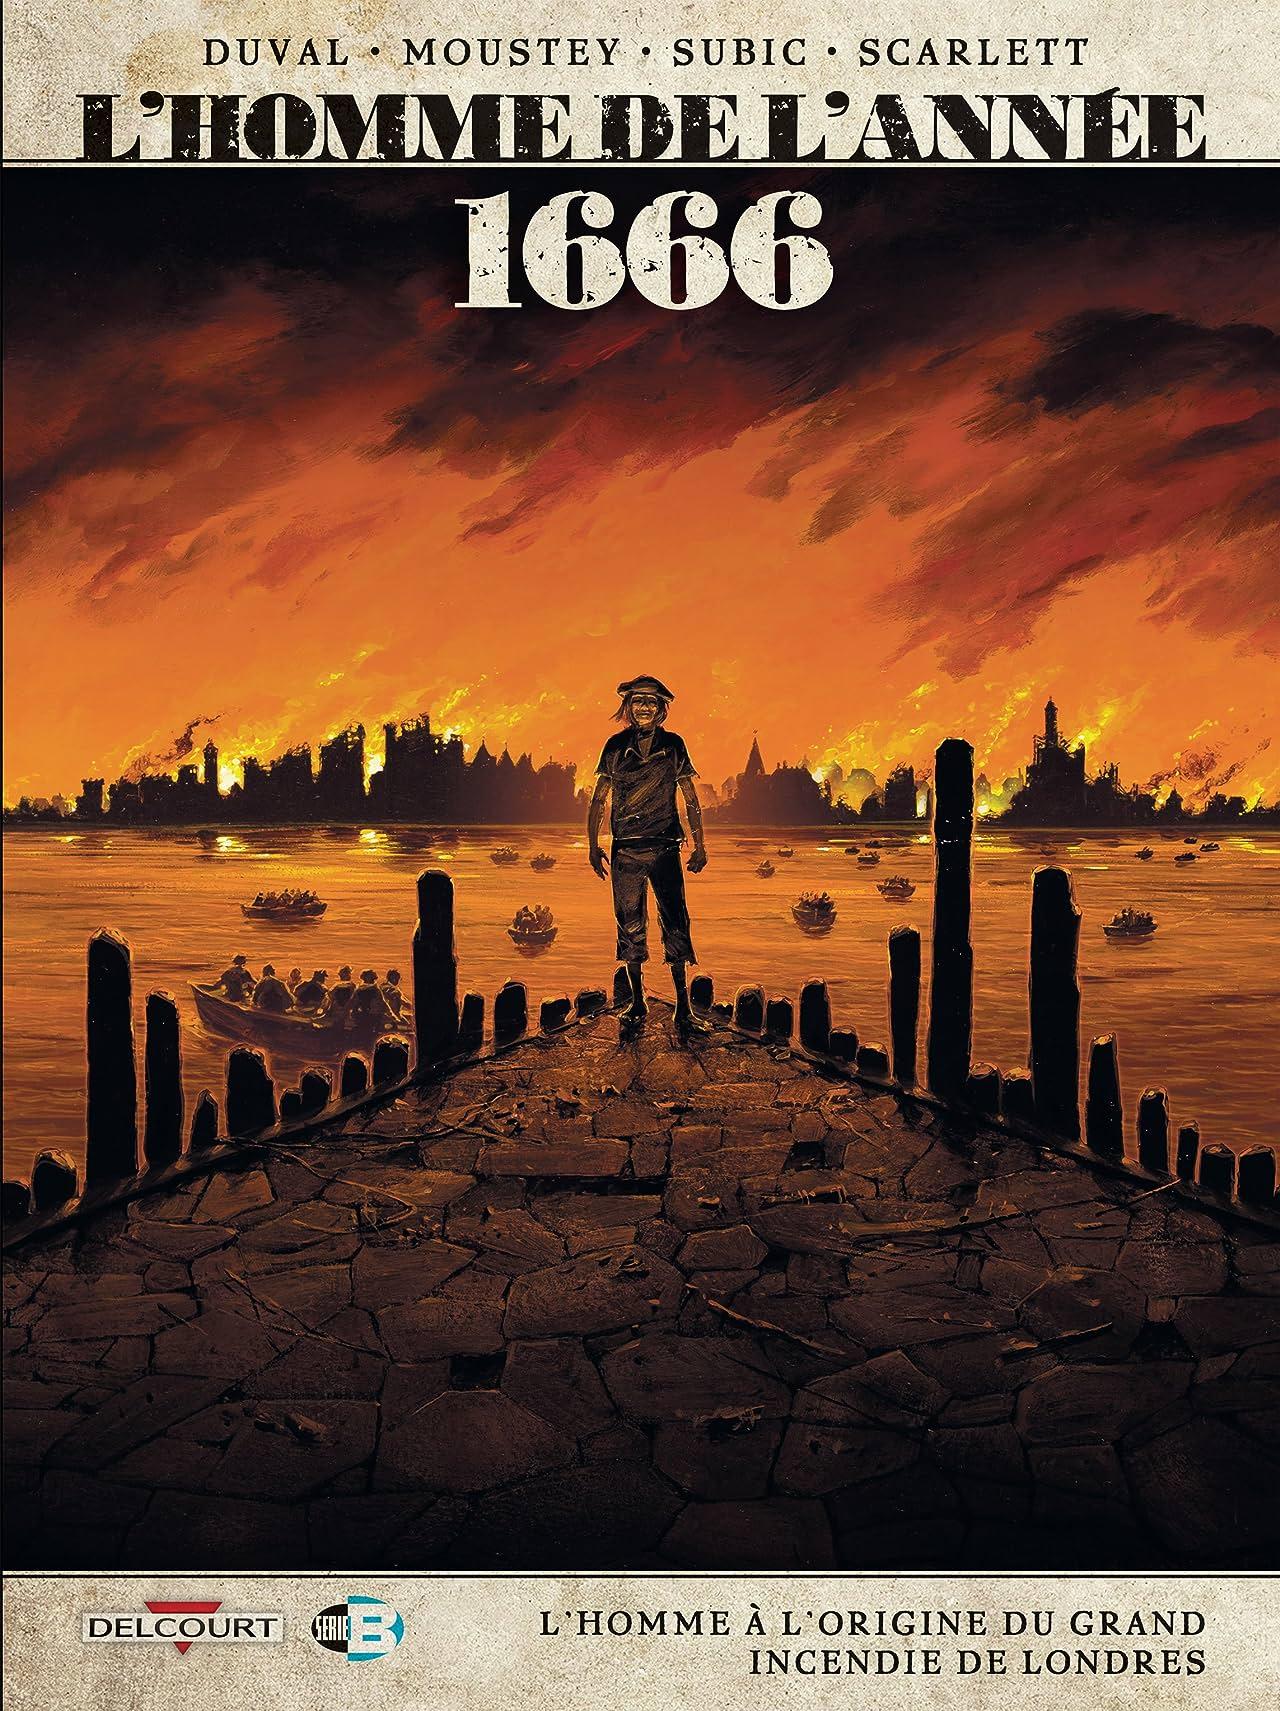 L'Homme de l'année Vol. 10: 1666